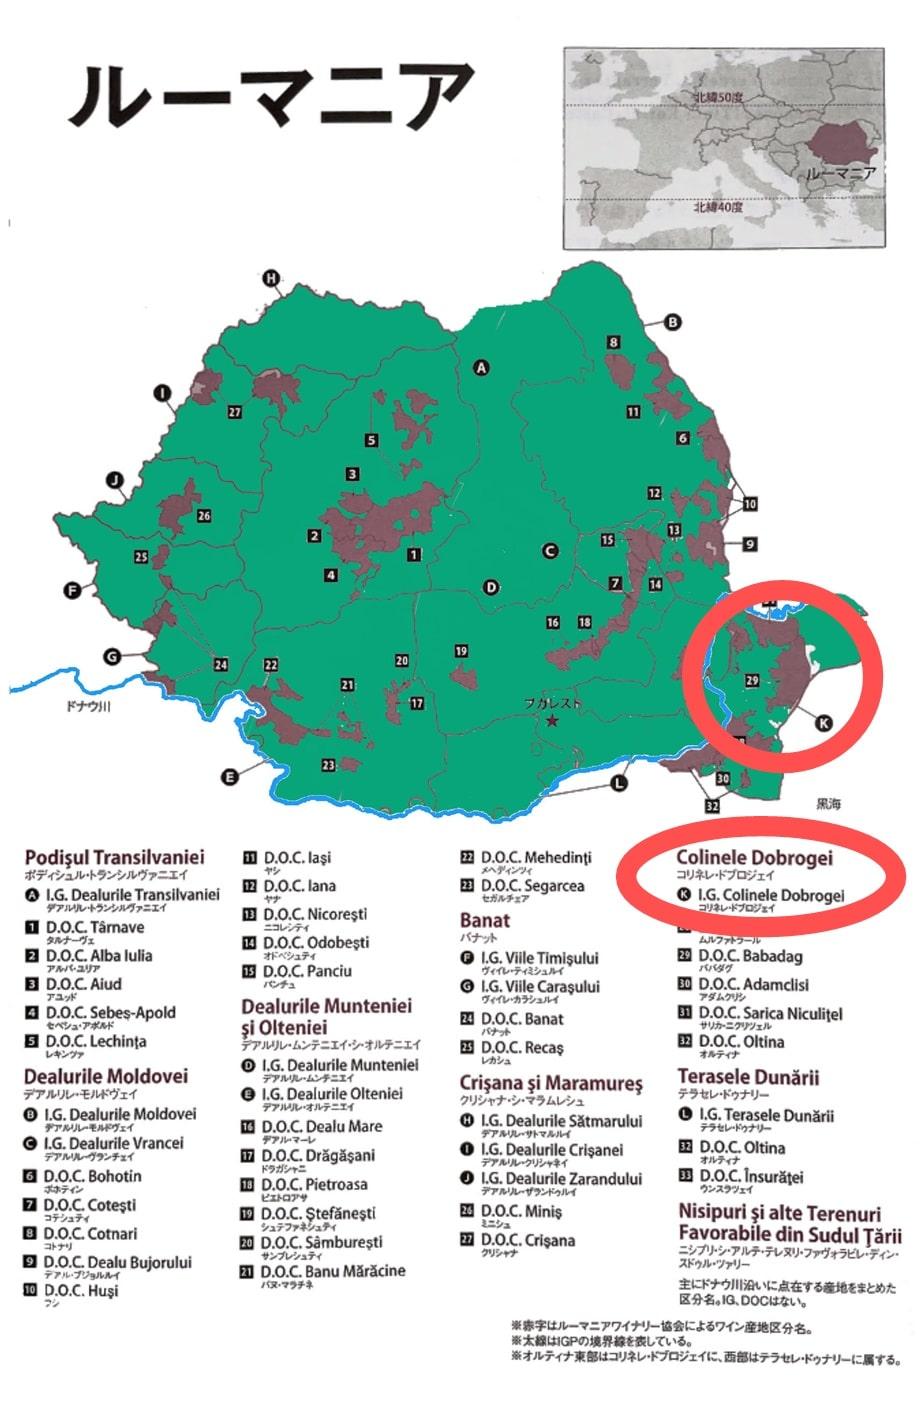 ドブロジェ地区